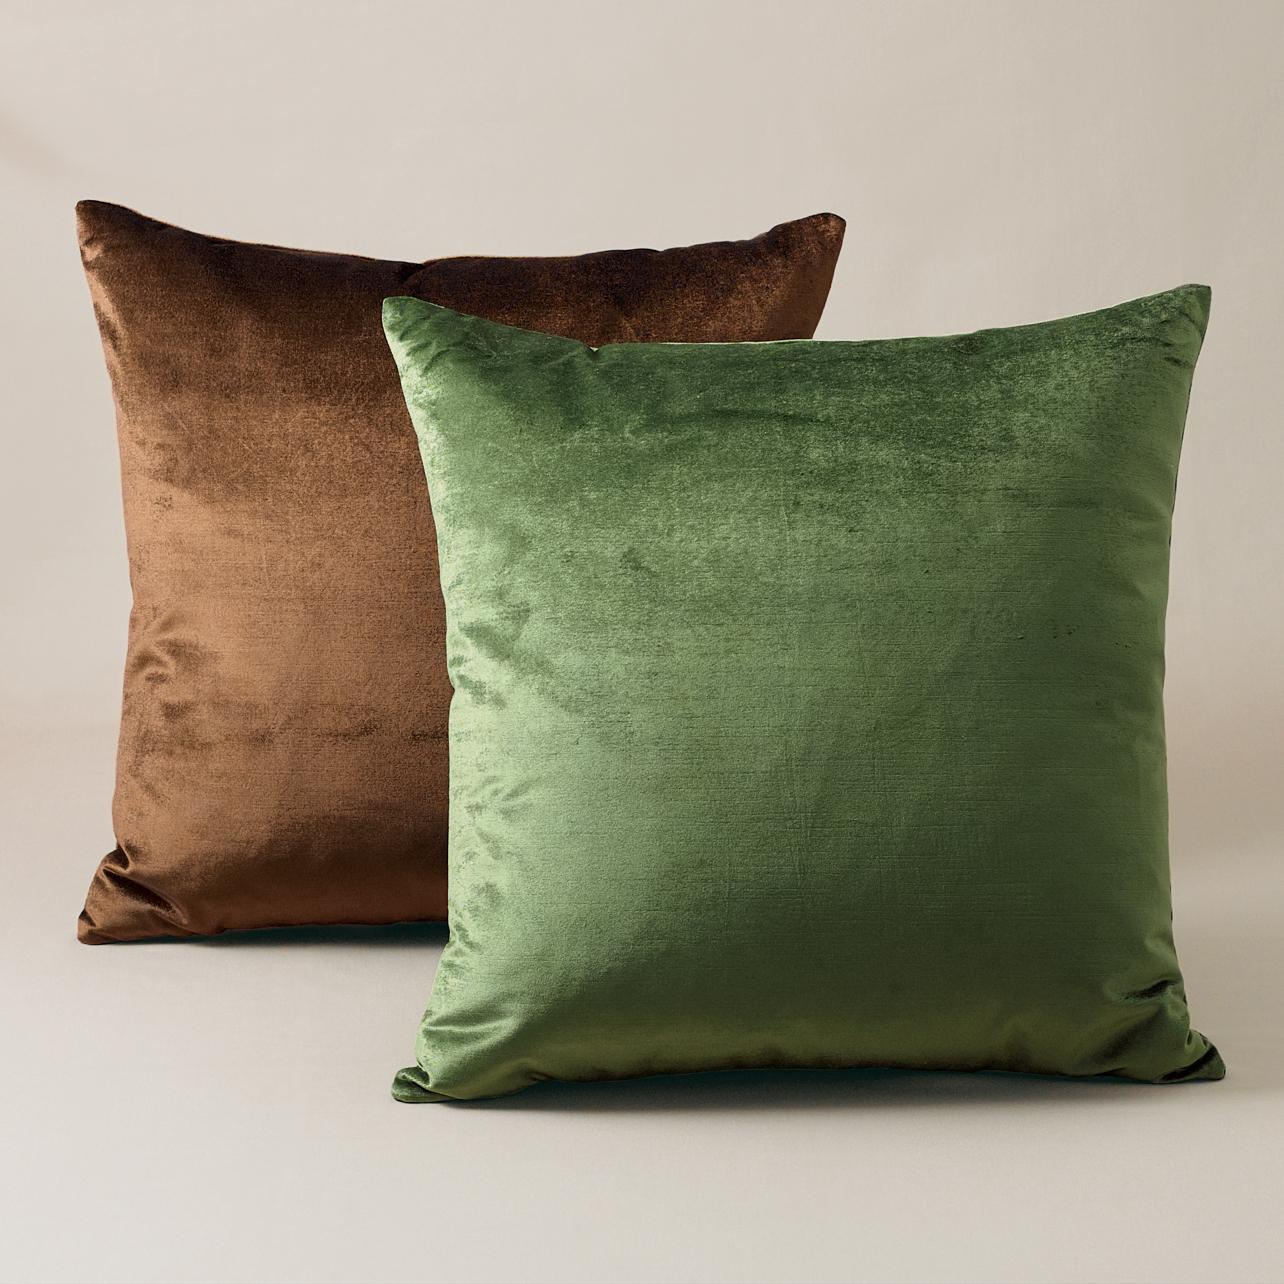 Throw Pillows Home : Luxe Velvet Pillows Gump s